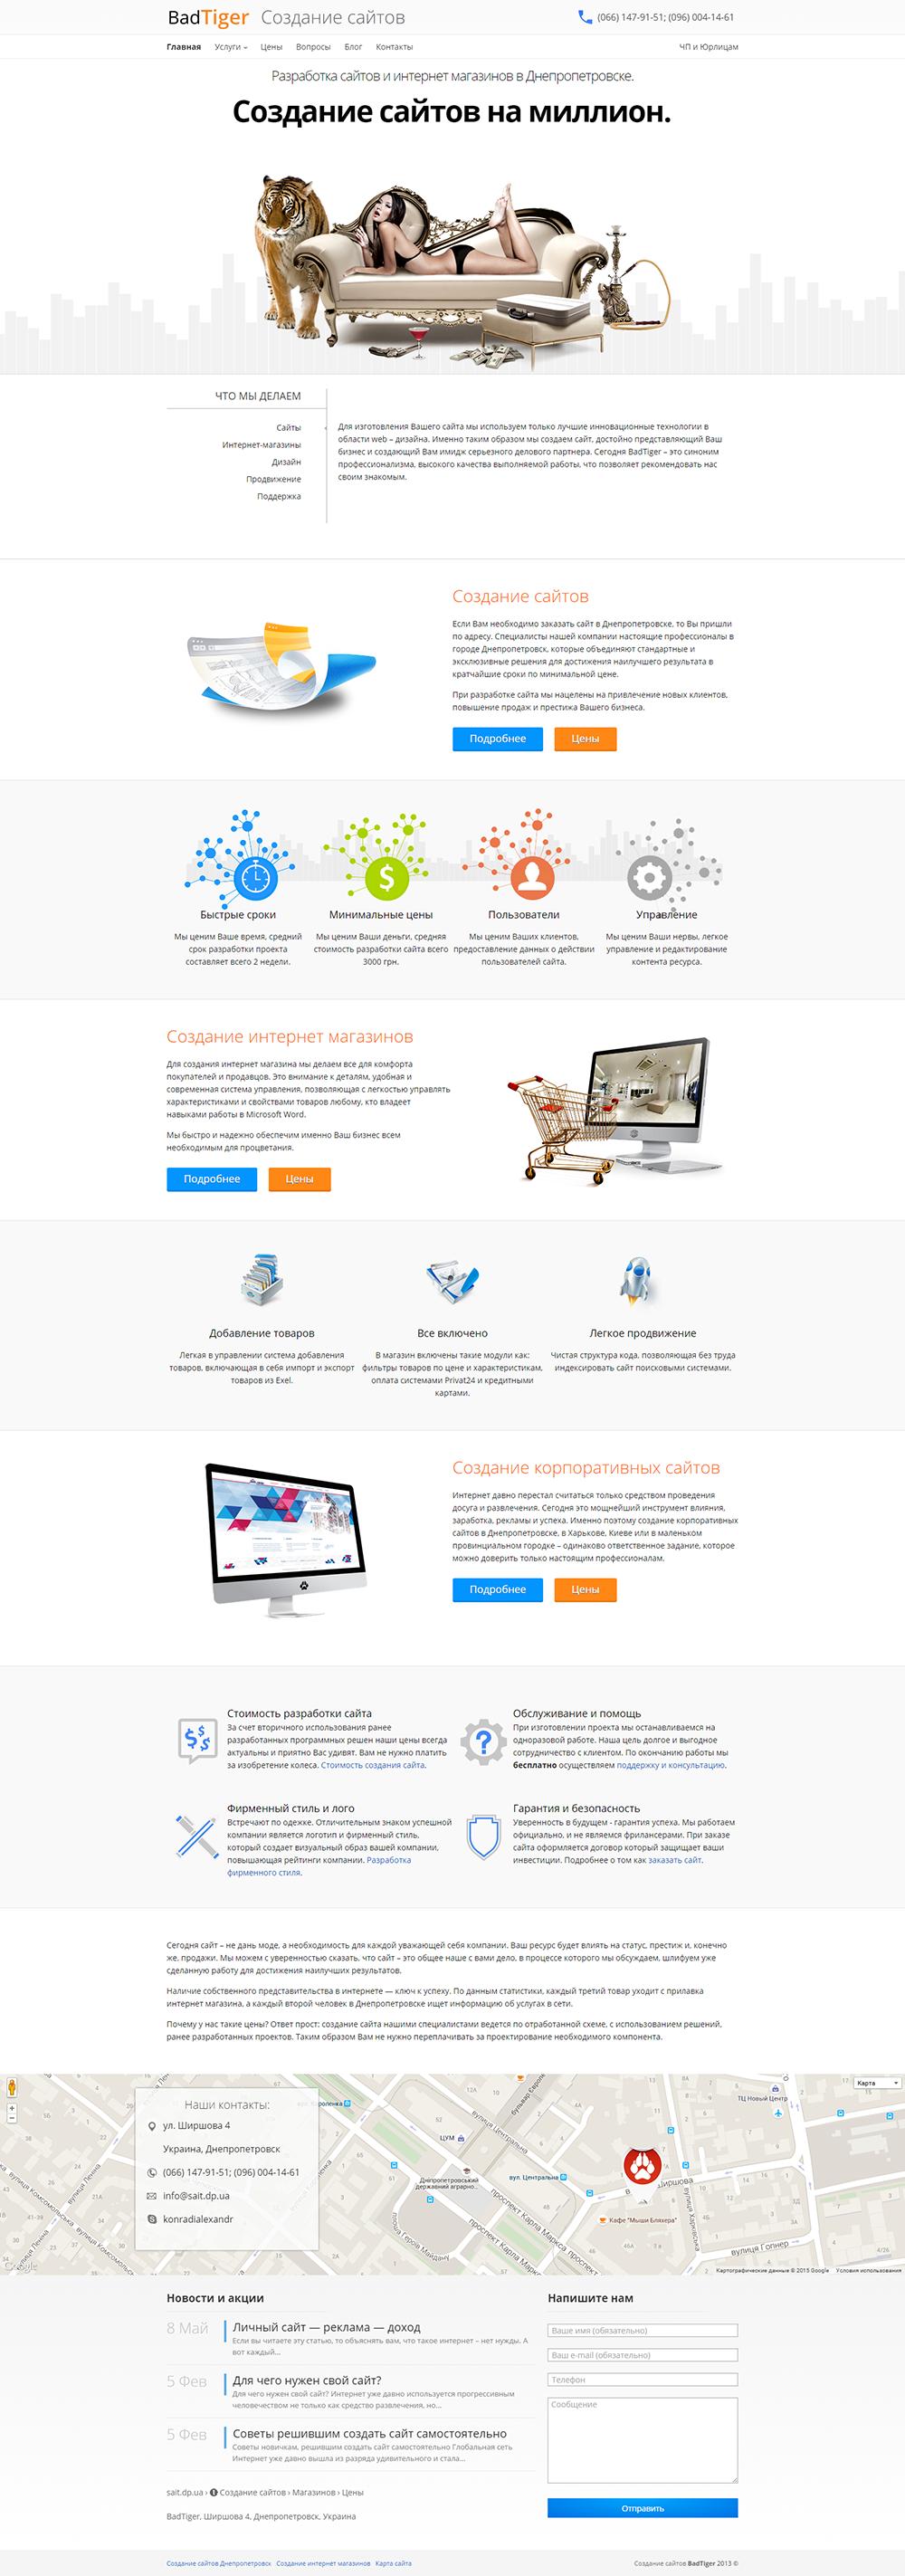 Создание сайтов в Днепропетровске  разработка и продвижение сайтов. Компания BadTiger.